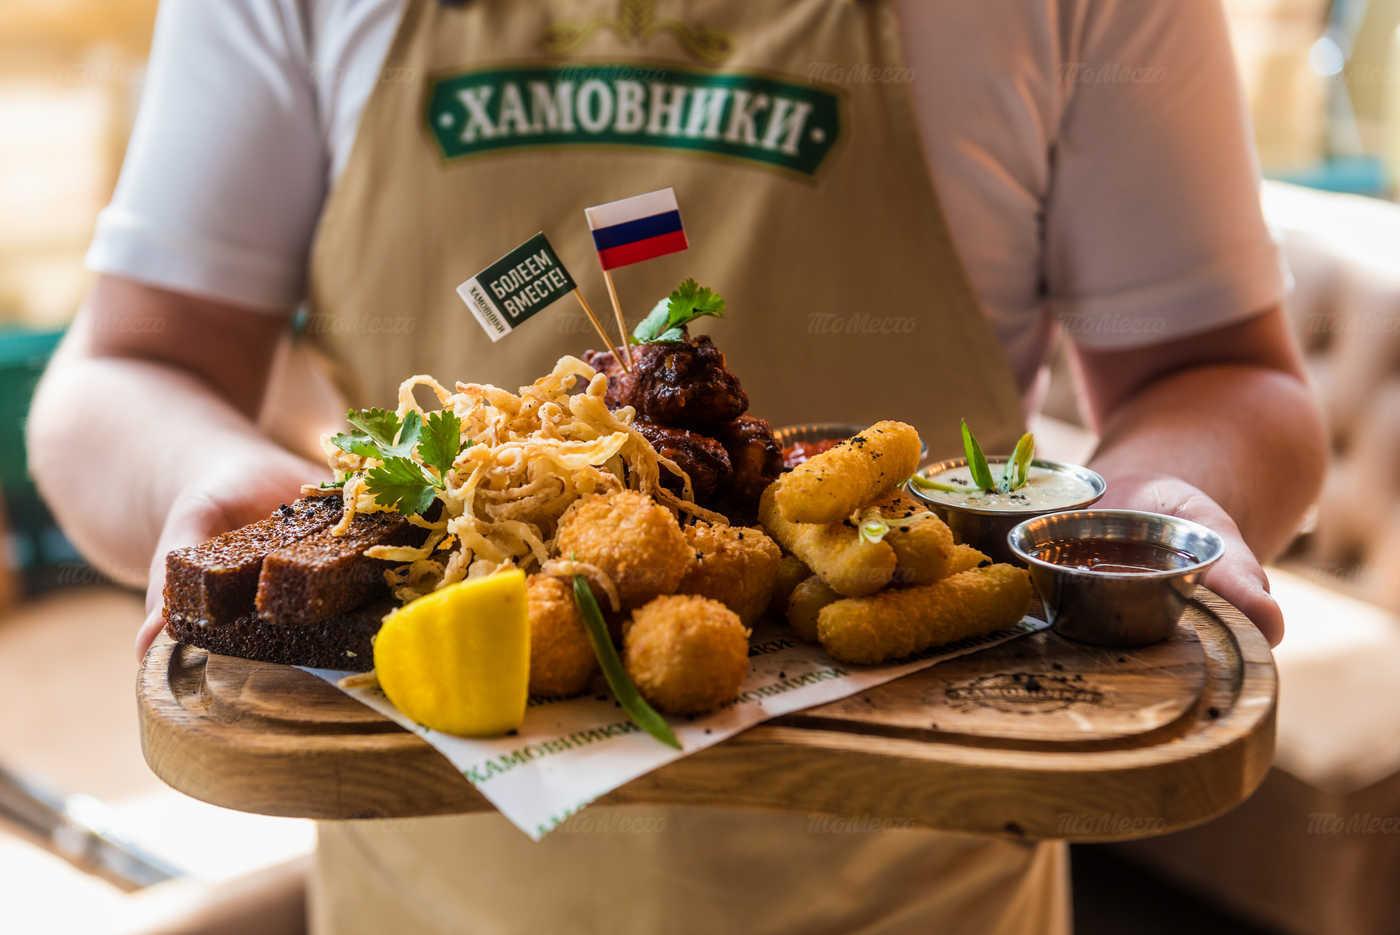 Меню ресторана Хамовники на улице Военной фото 65